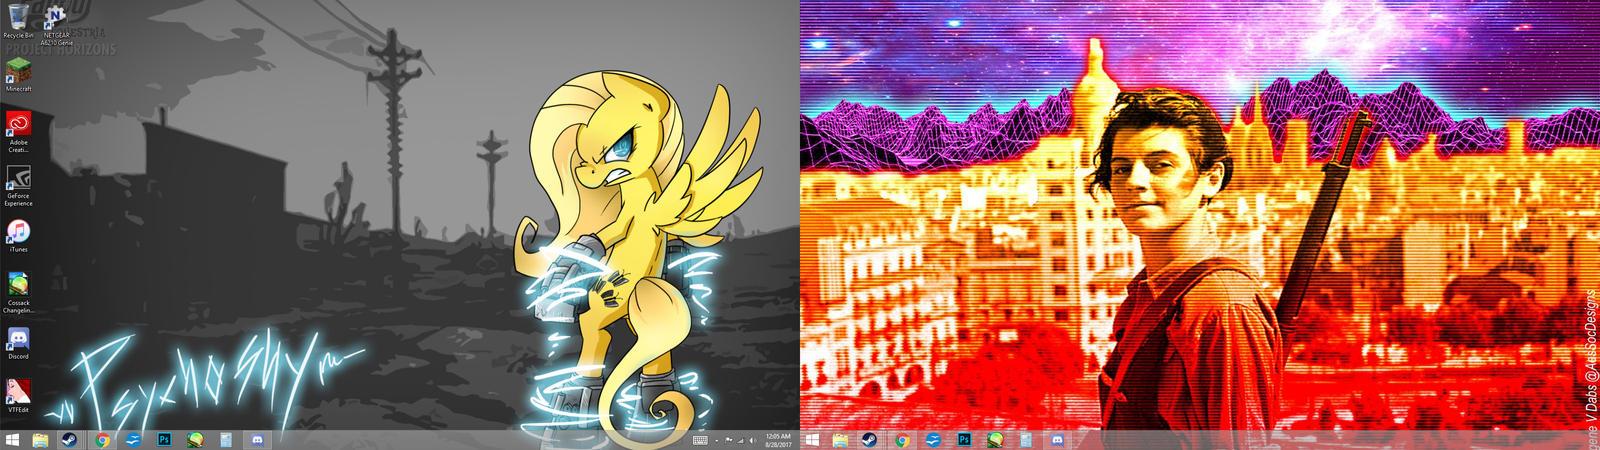 desktop_thread_stuff_by_aaronmk-dblk7ie.